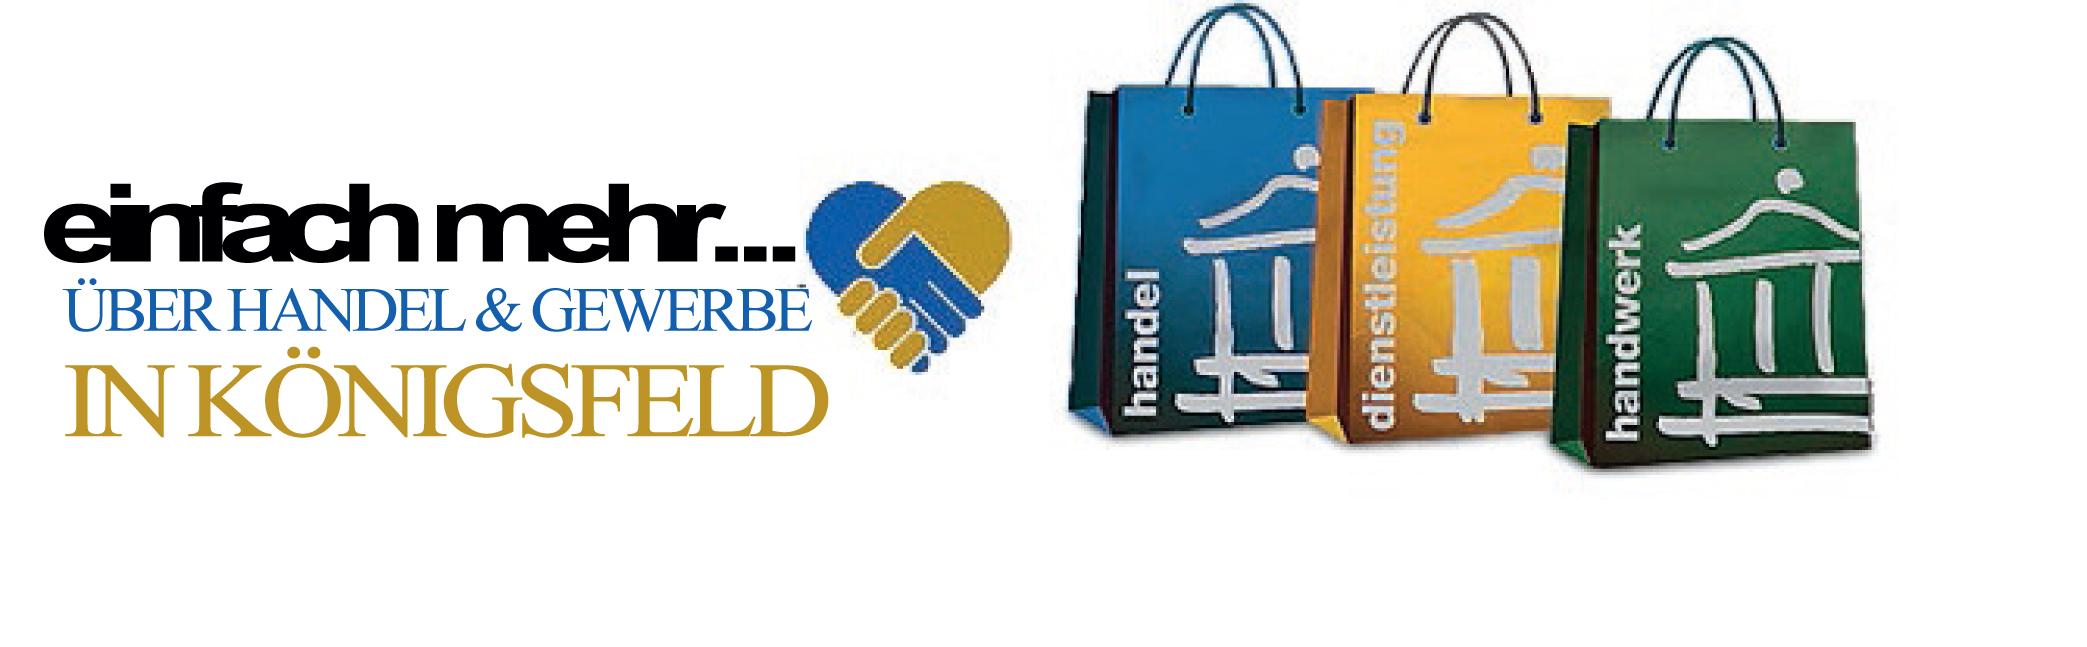 Logo des Handel- und Gewerbevereins